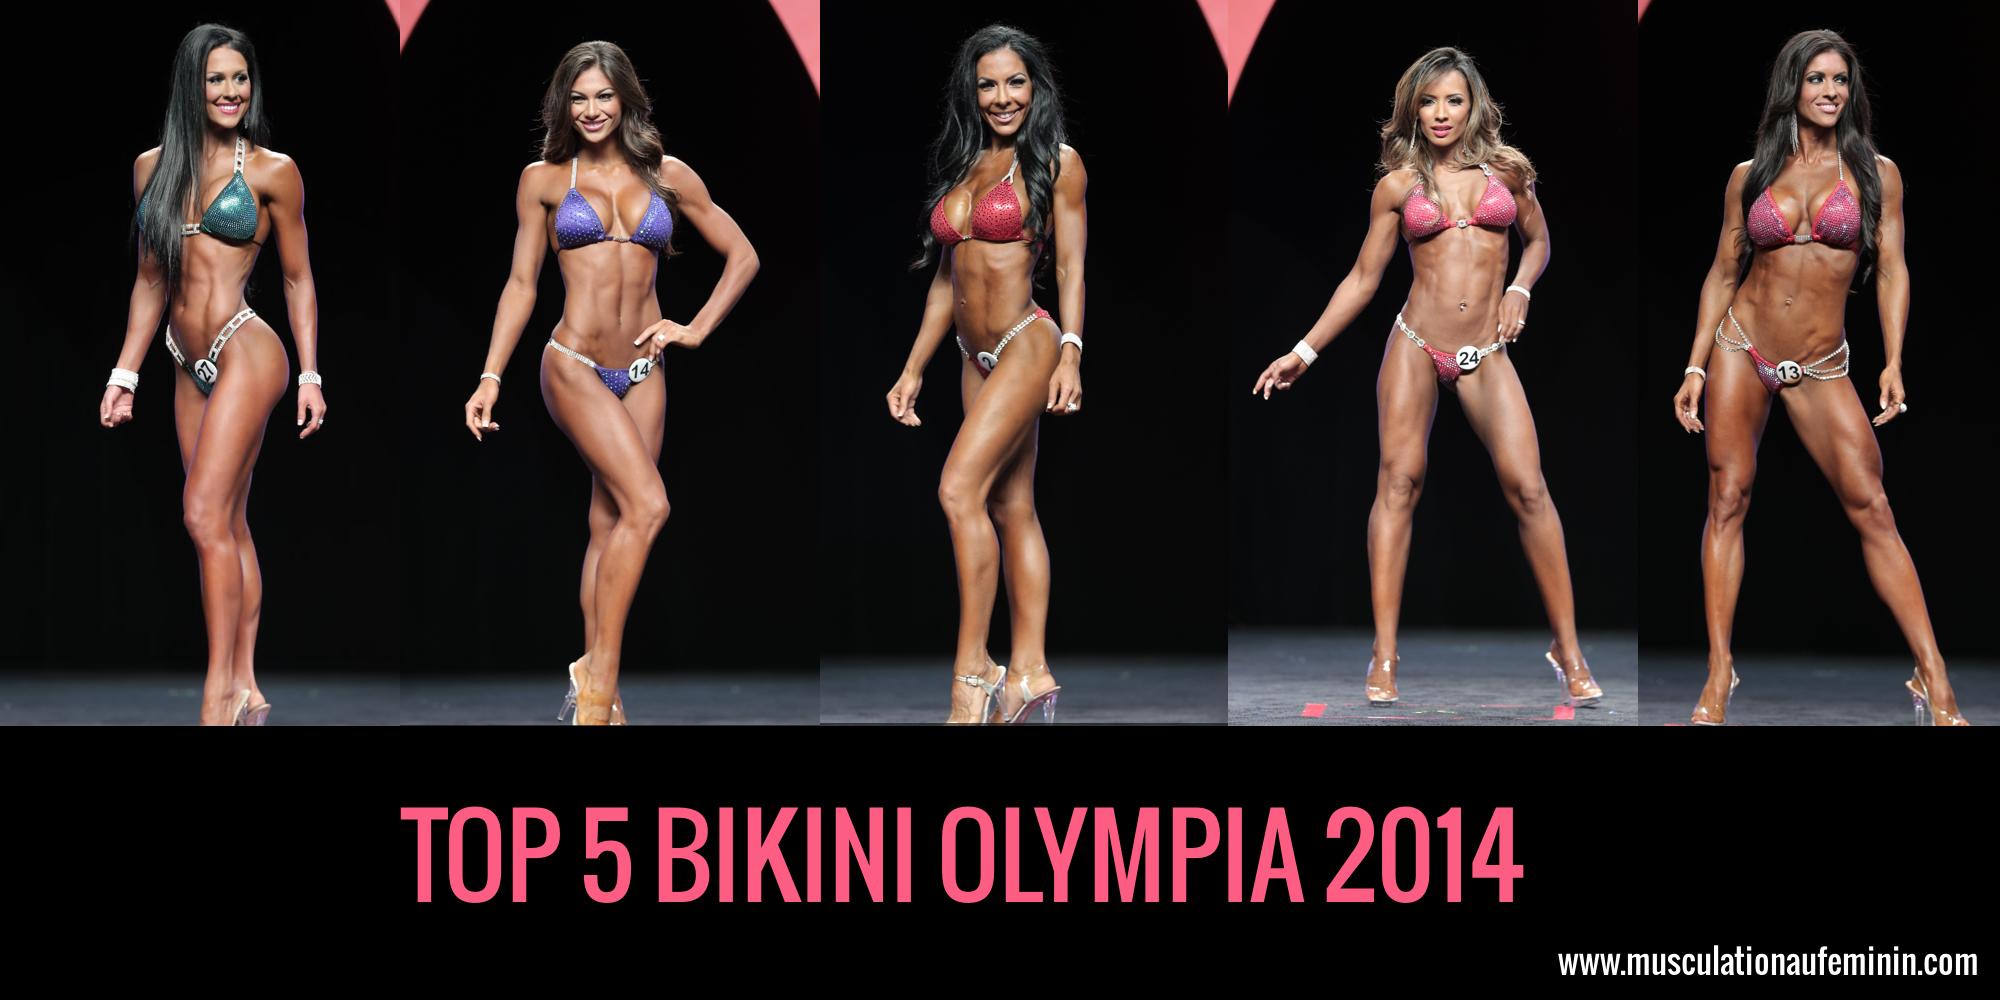 top-5-bikini-olympia-2014